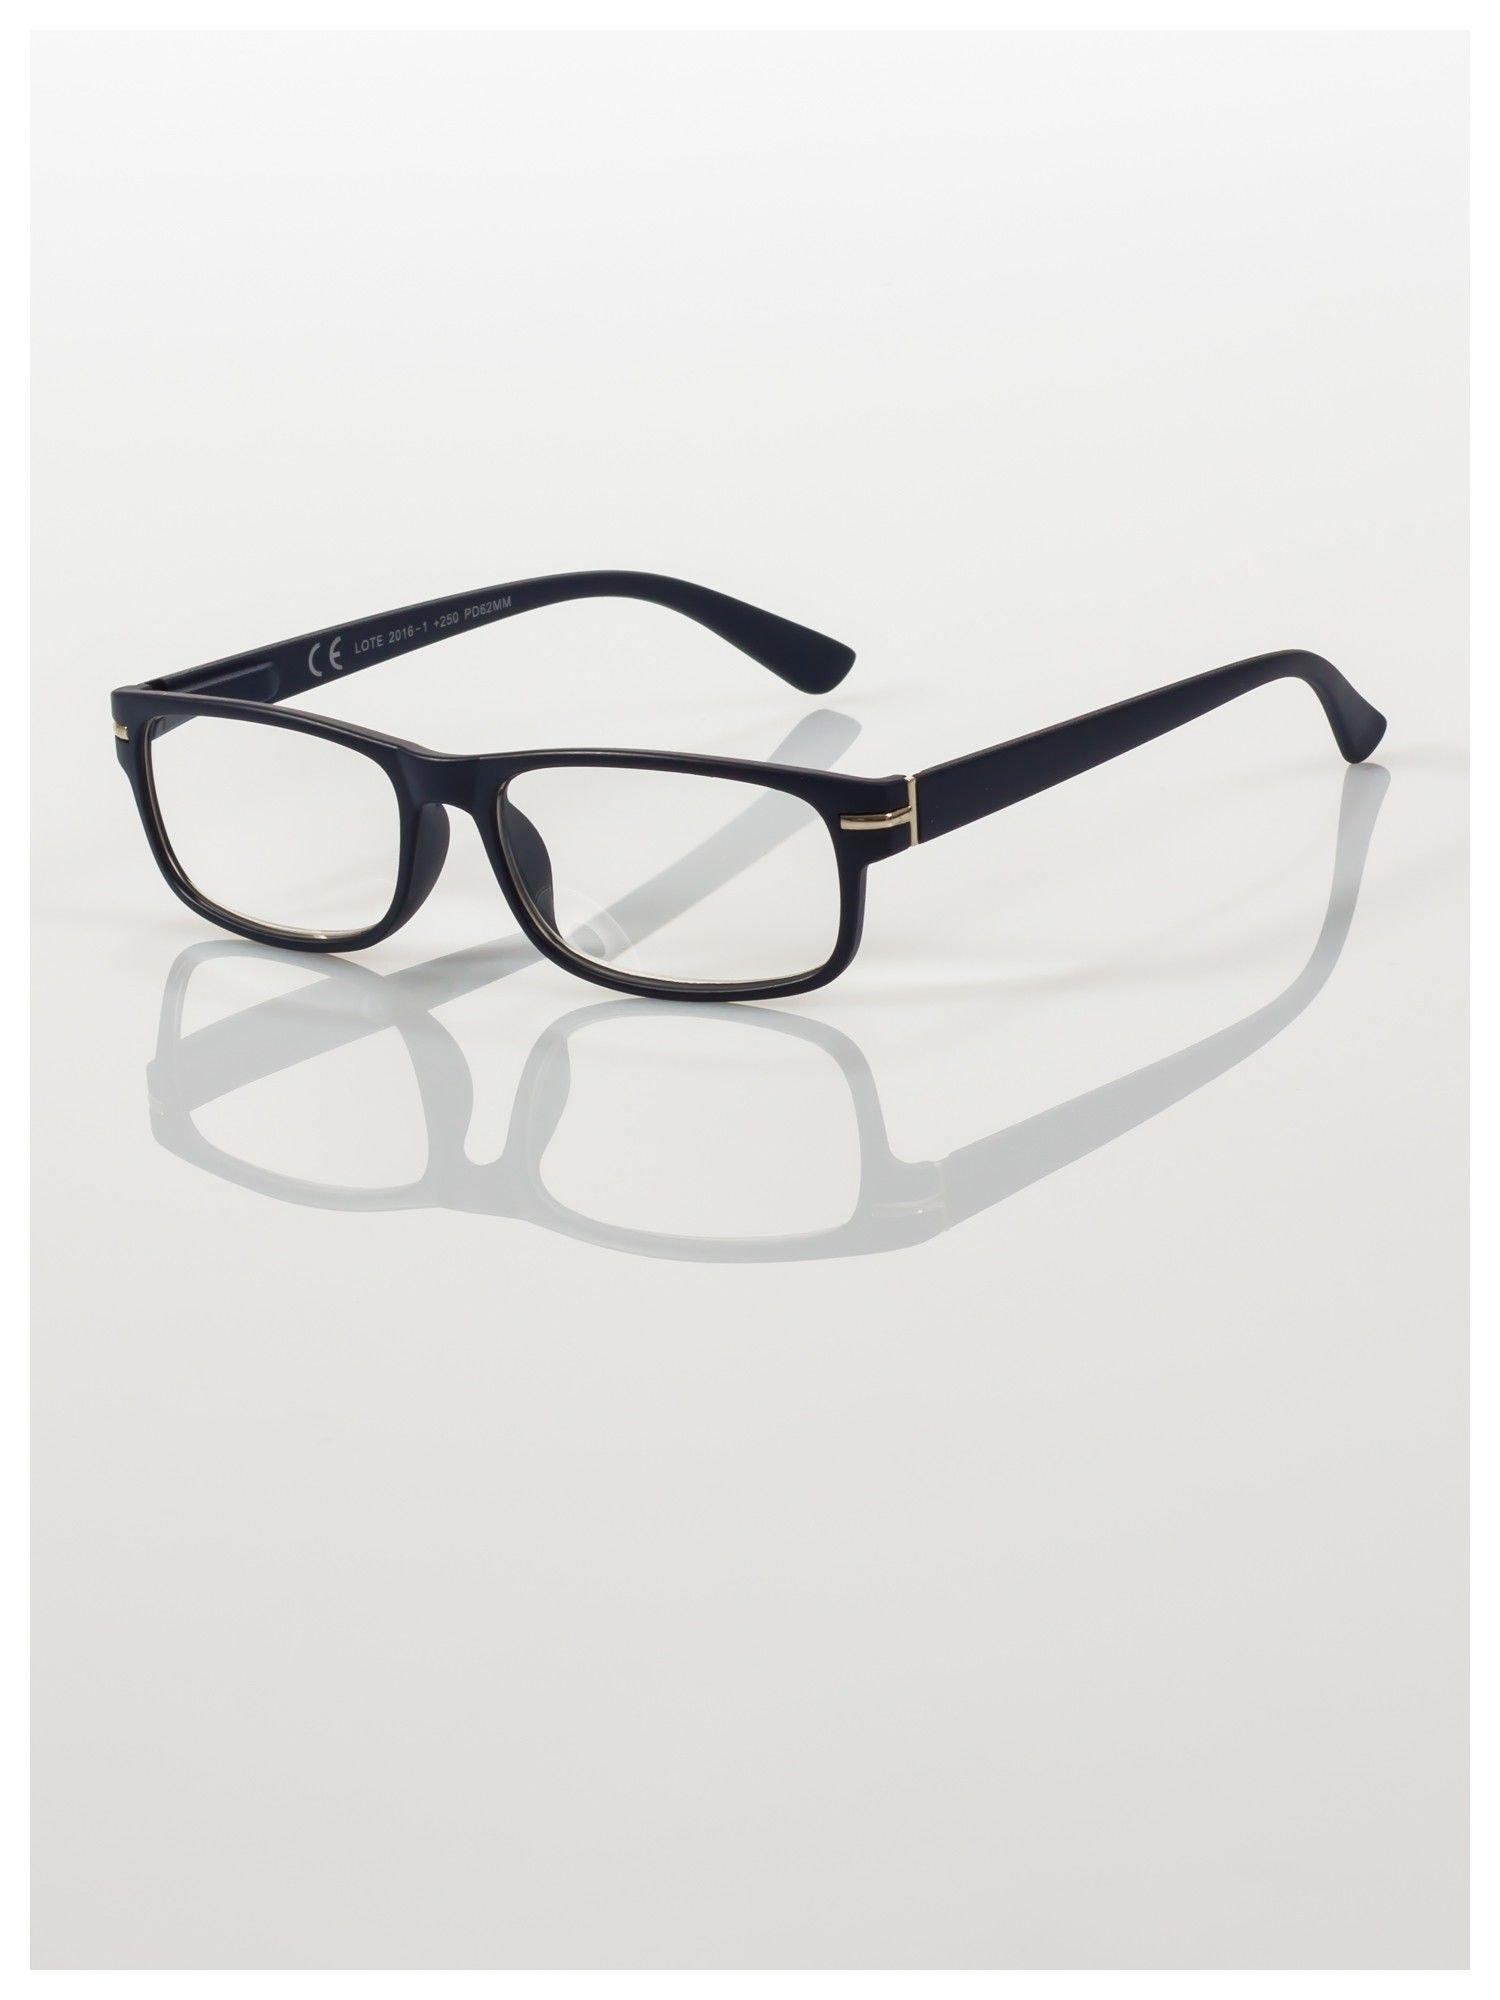 Eleganckie czarne matowe korekcyjne okulary do czytania +2.5 D  z sytemem FLEX na zausznikach                                  zdj.                                  1